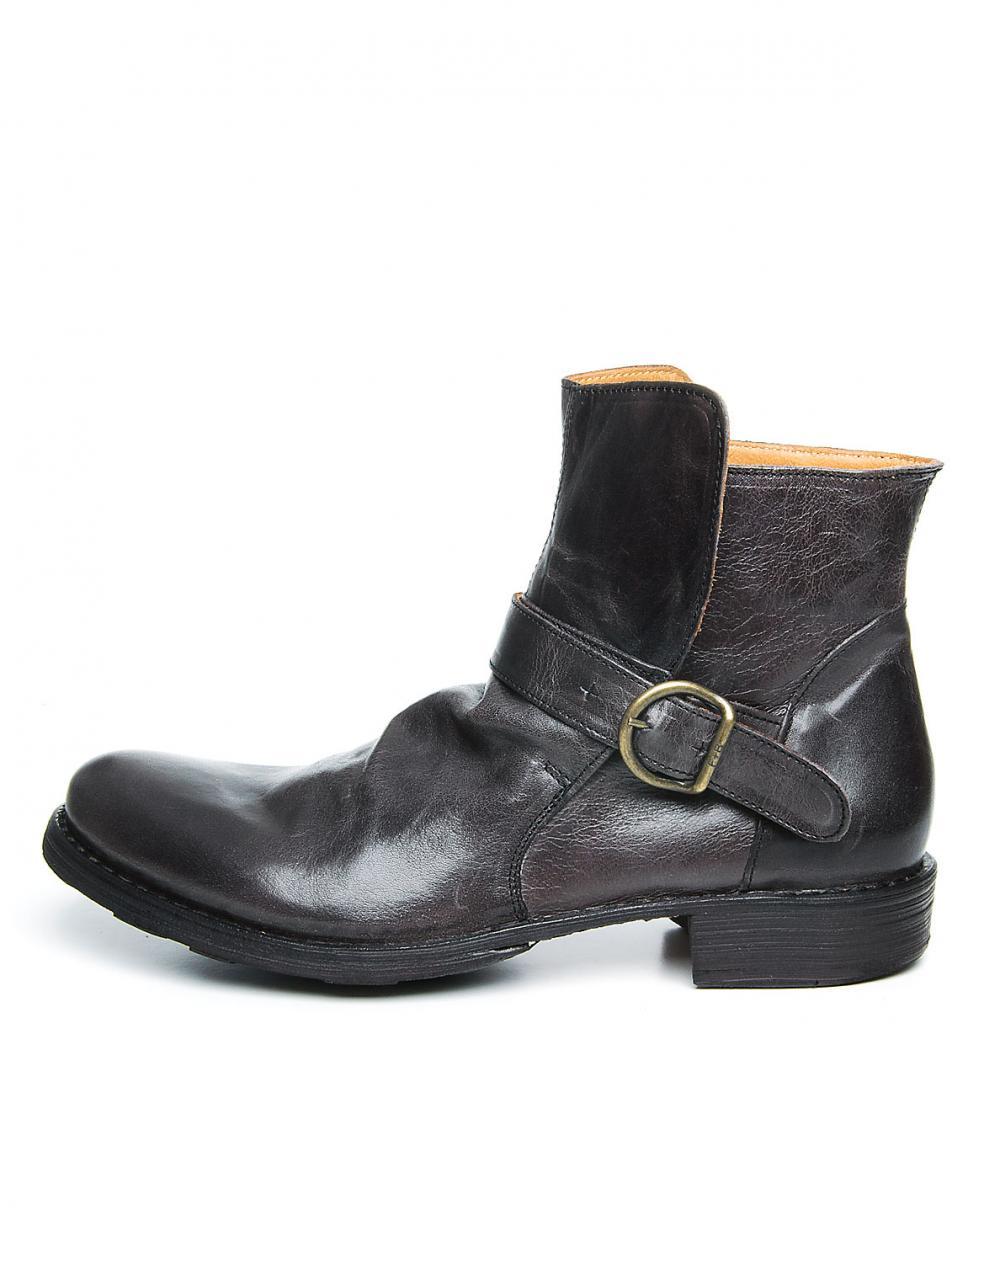 Boot Eternity 752